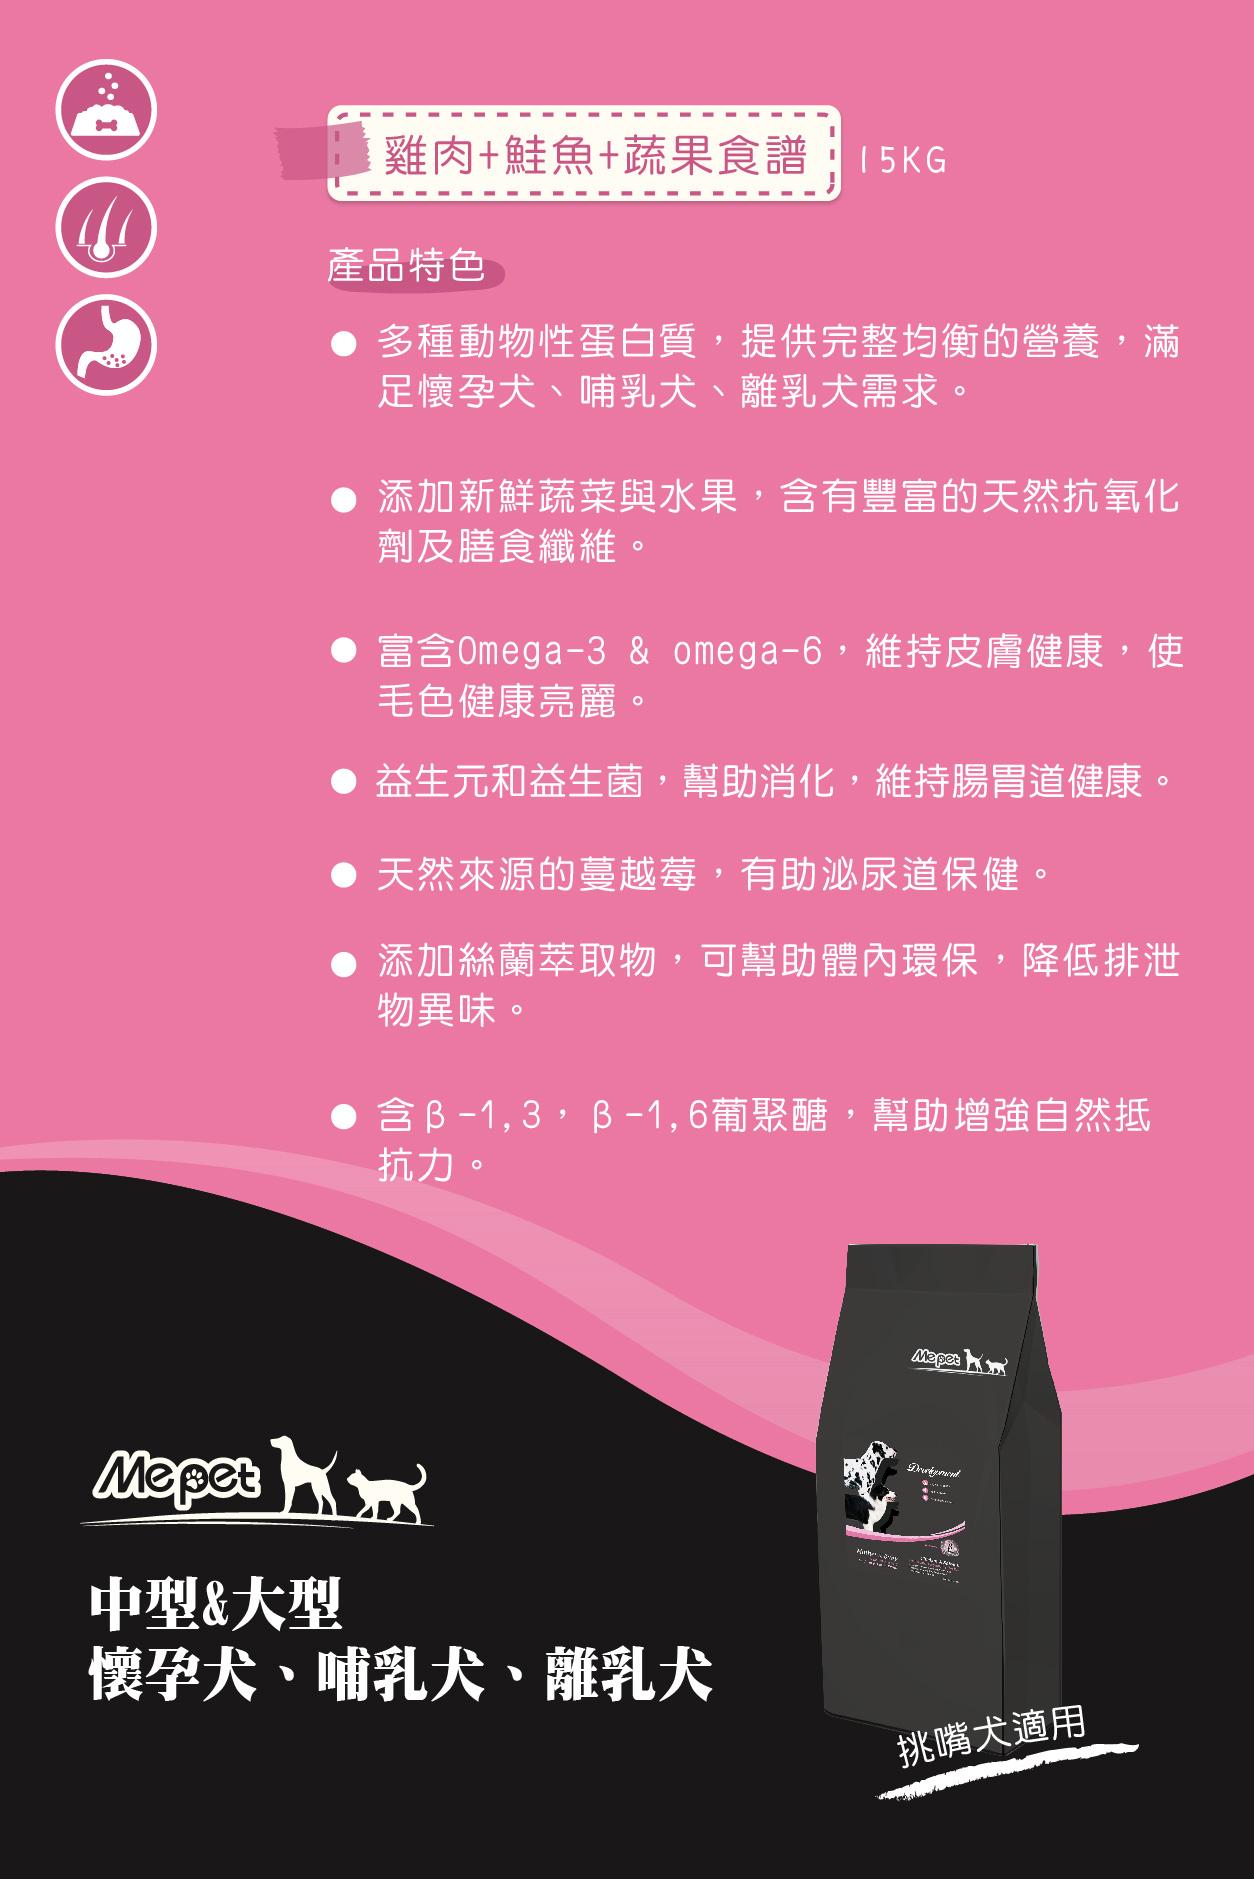 元氣滿滿,提供完整均衡的營養,幫助懷孕、哺乳犬的營養攝取丨MePet全球寵物狗狗健康首選